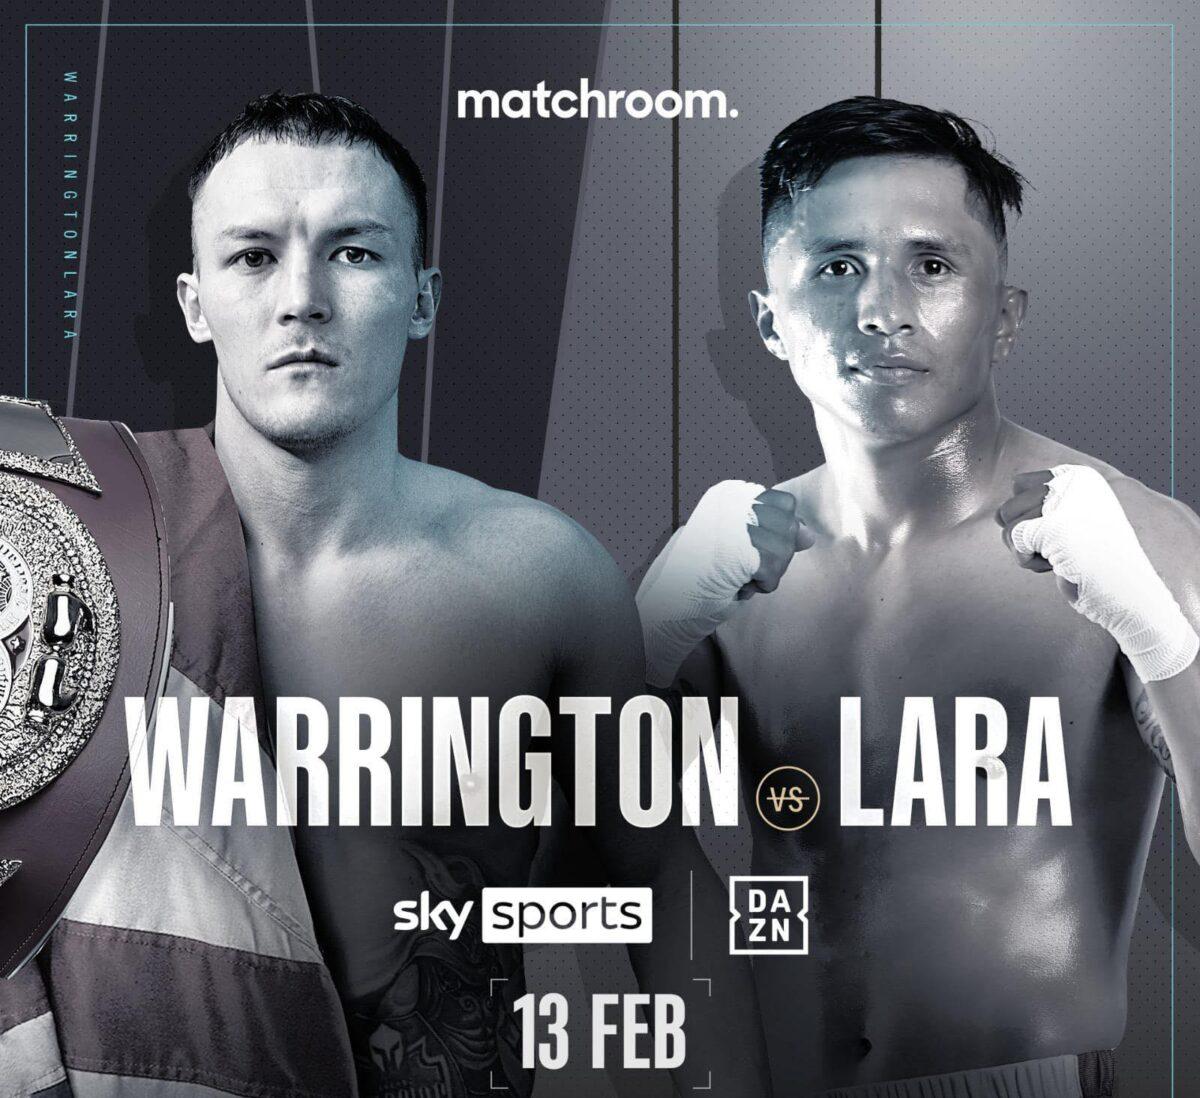 INFÖR: Warrington vs. Lara – En stjärna utan bälte